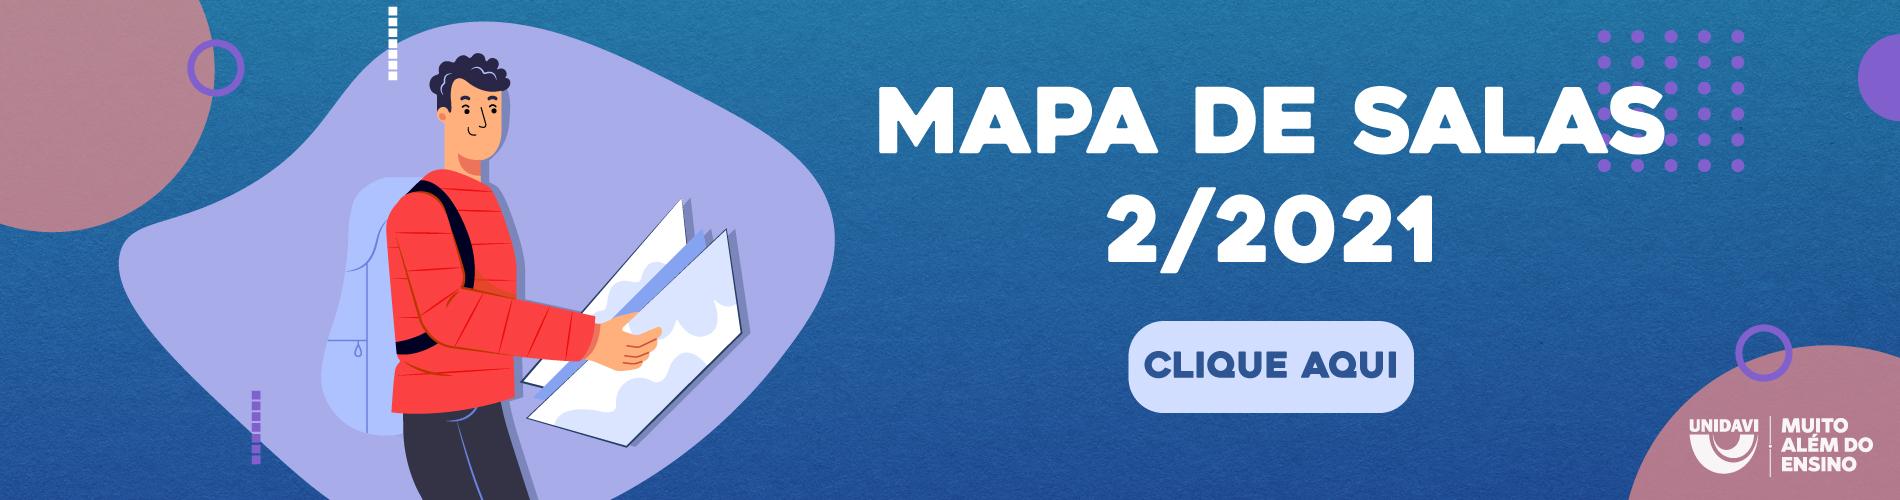 Mapa de Salas 2.2021